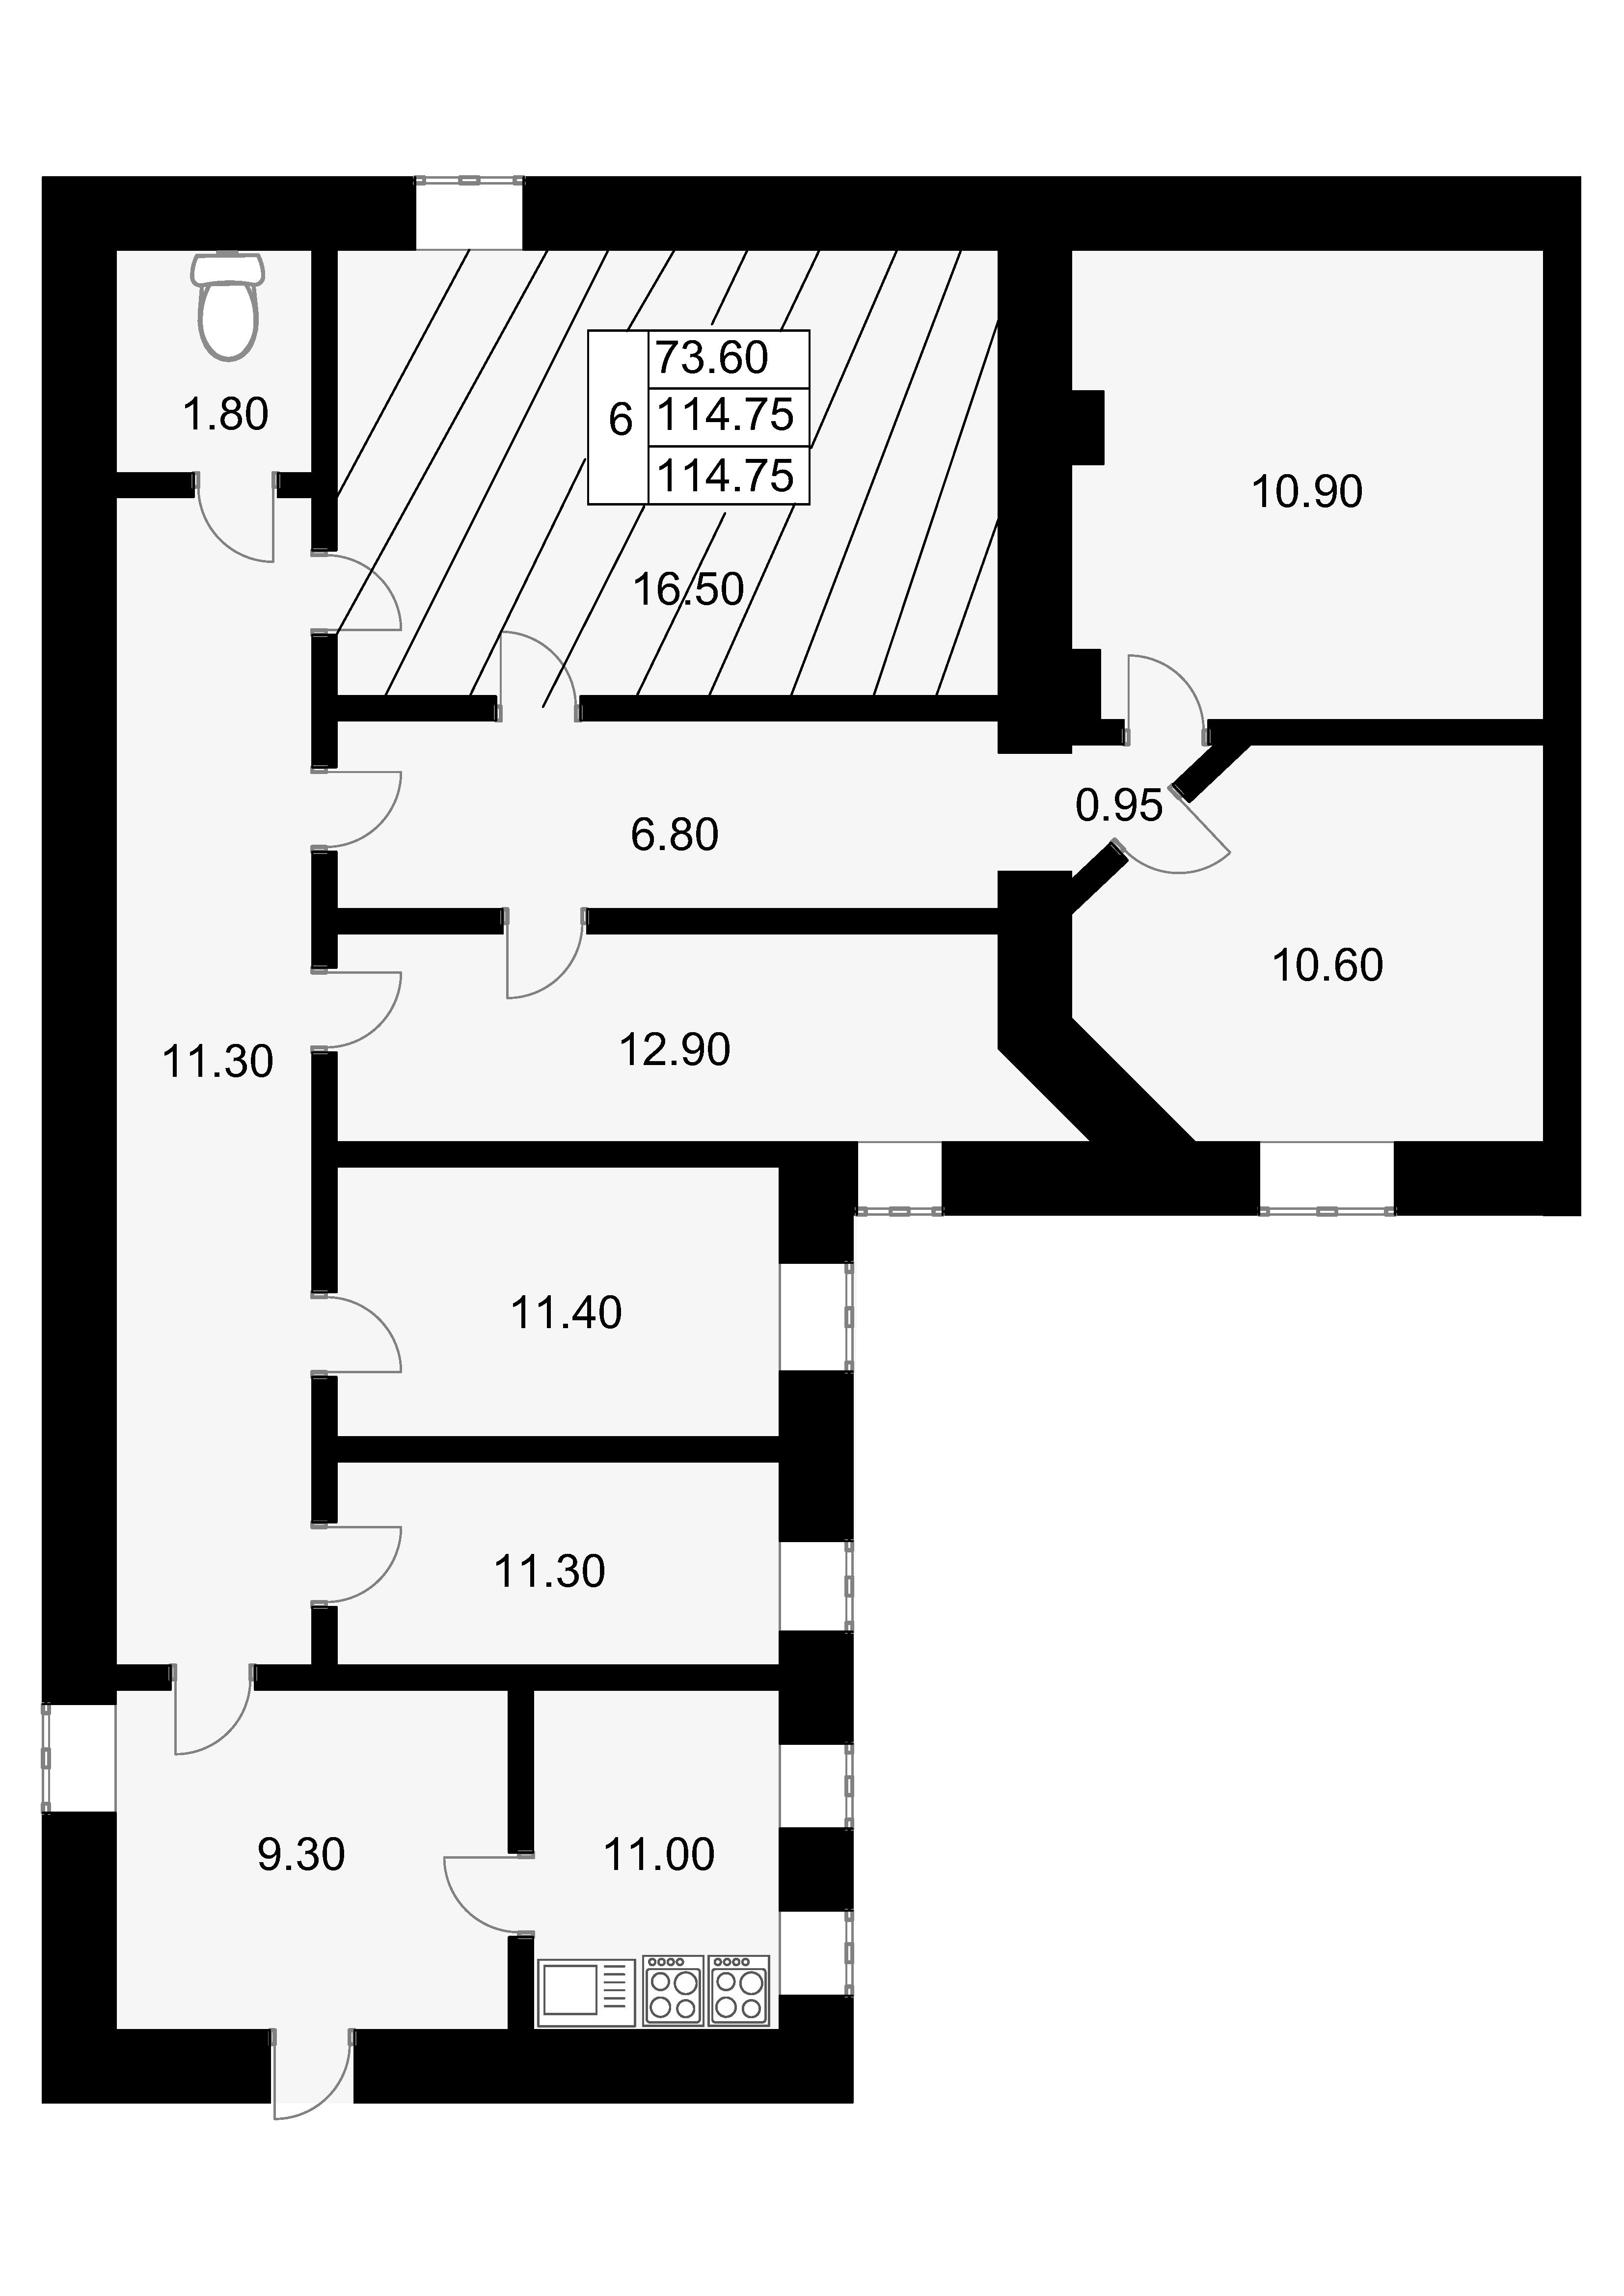 Комнаты, 114.75 м²